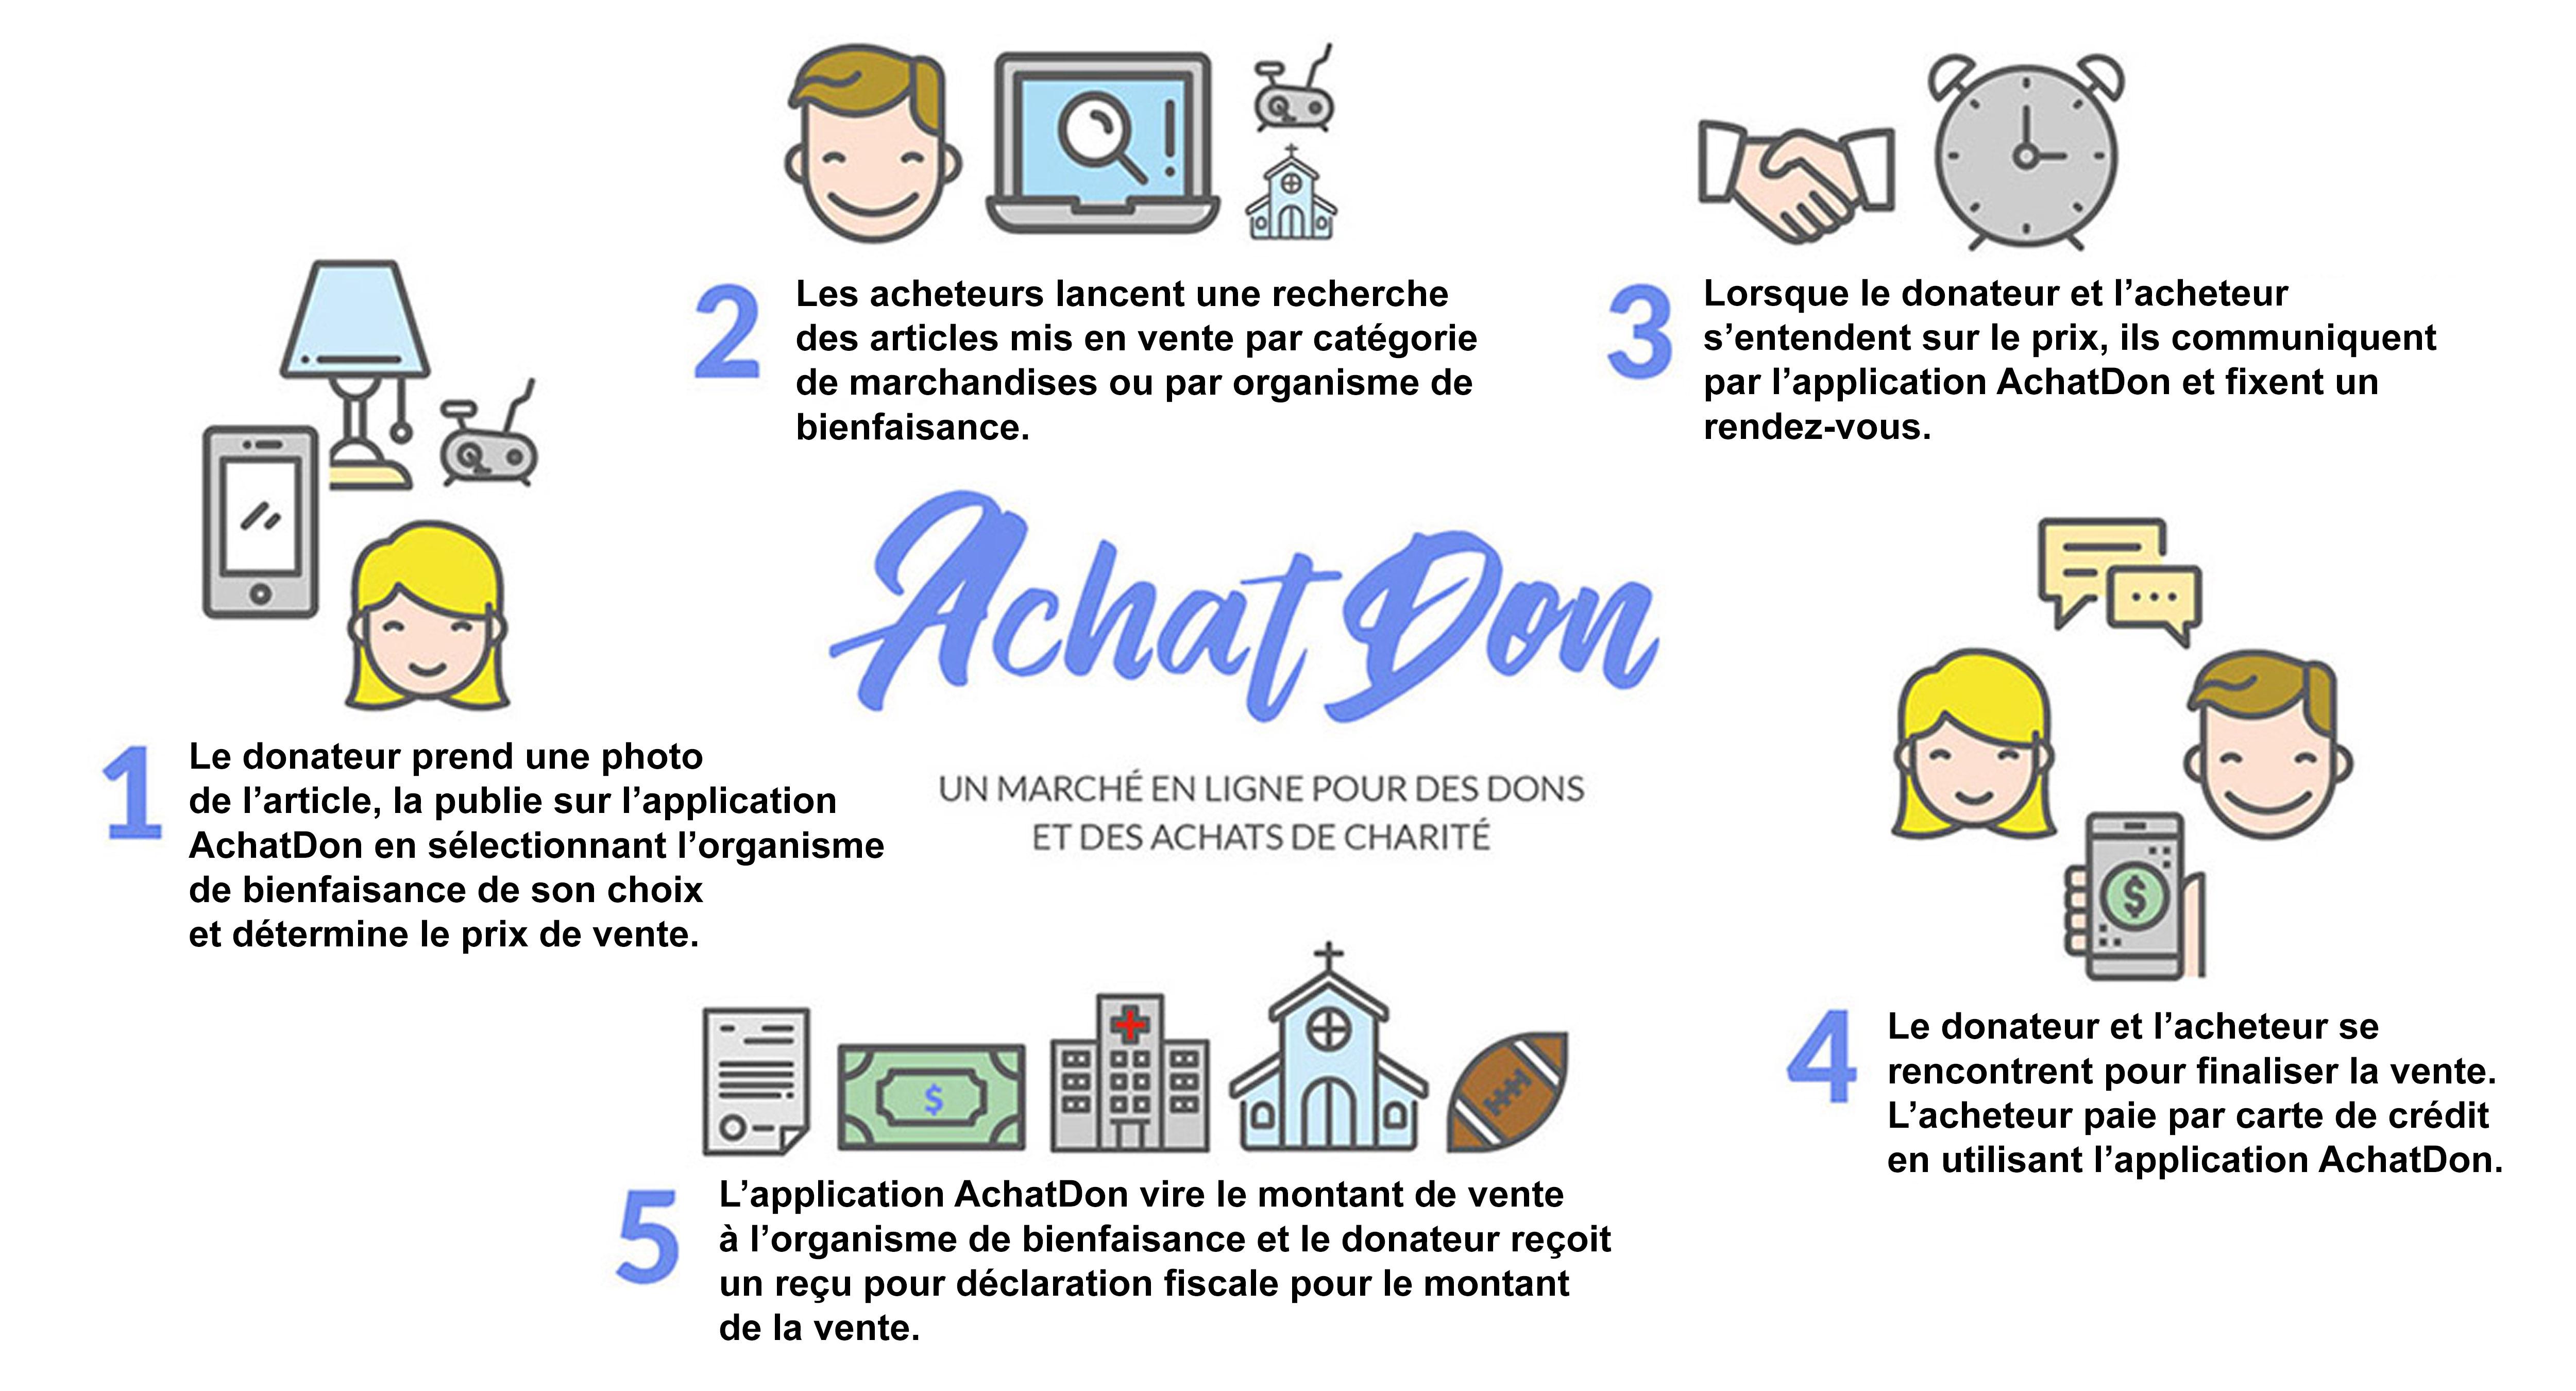 AchatDon - Comment cela fonctionne